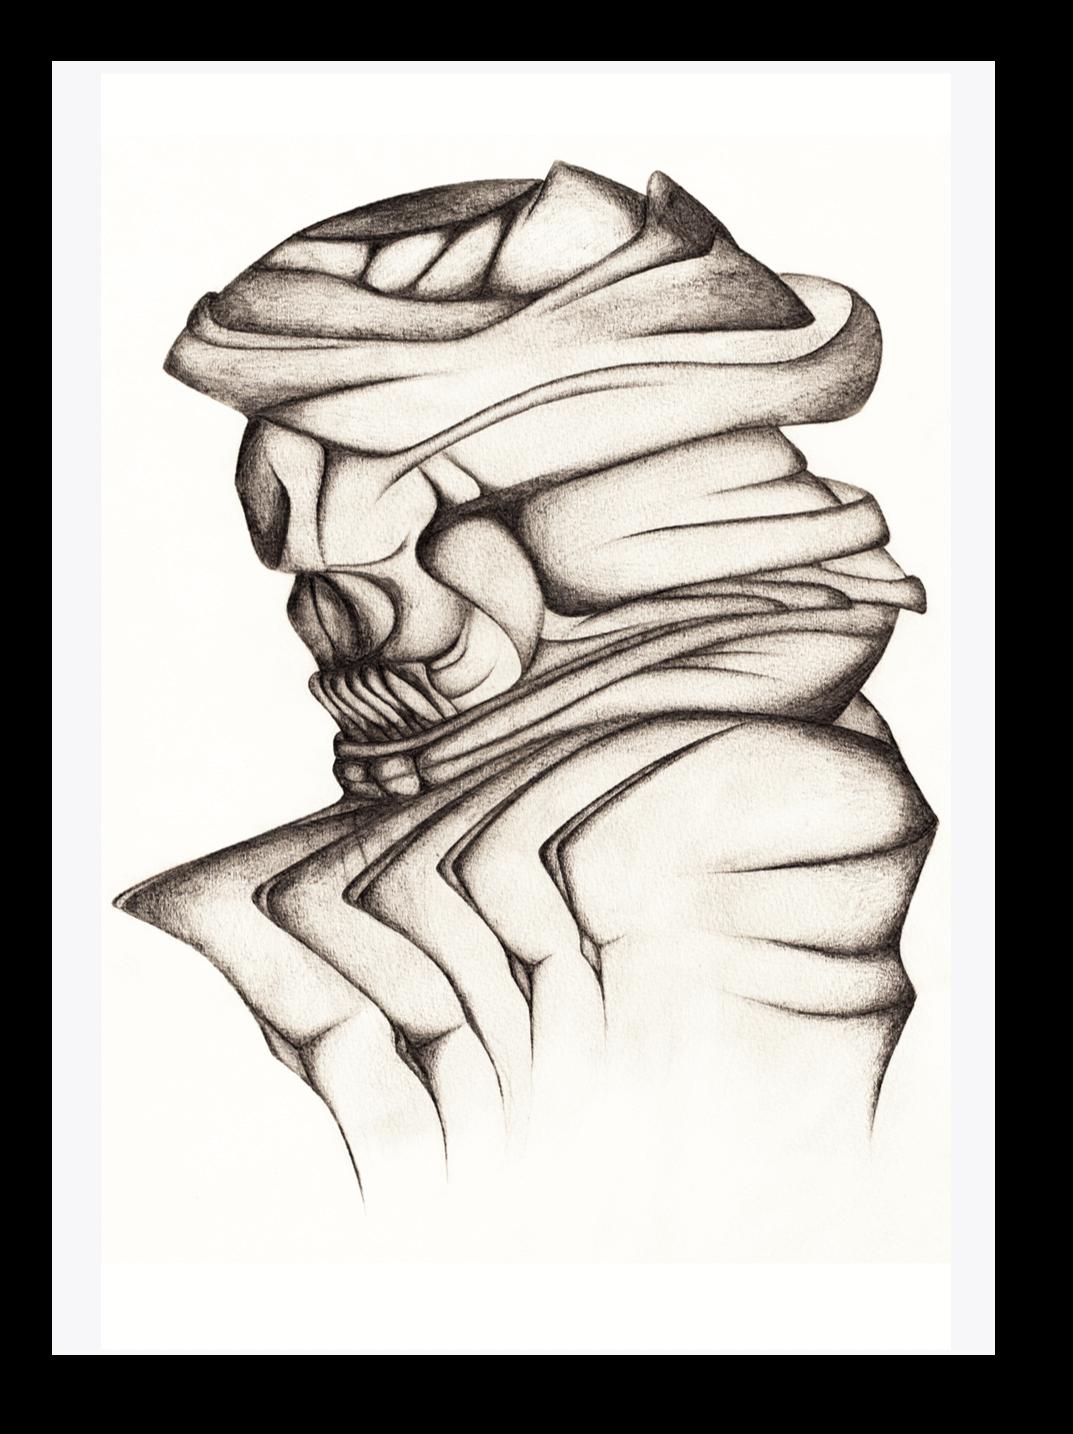 Abstract Skull Drawing